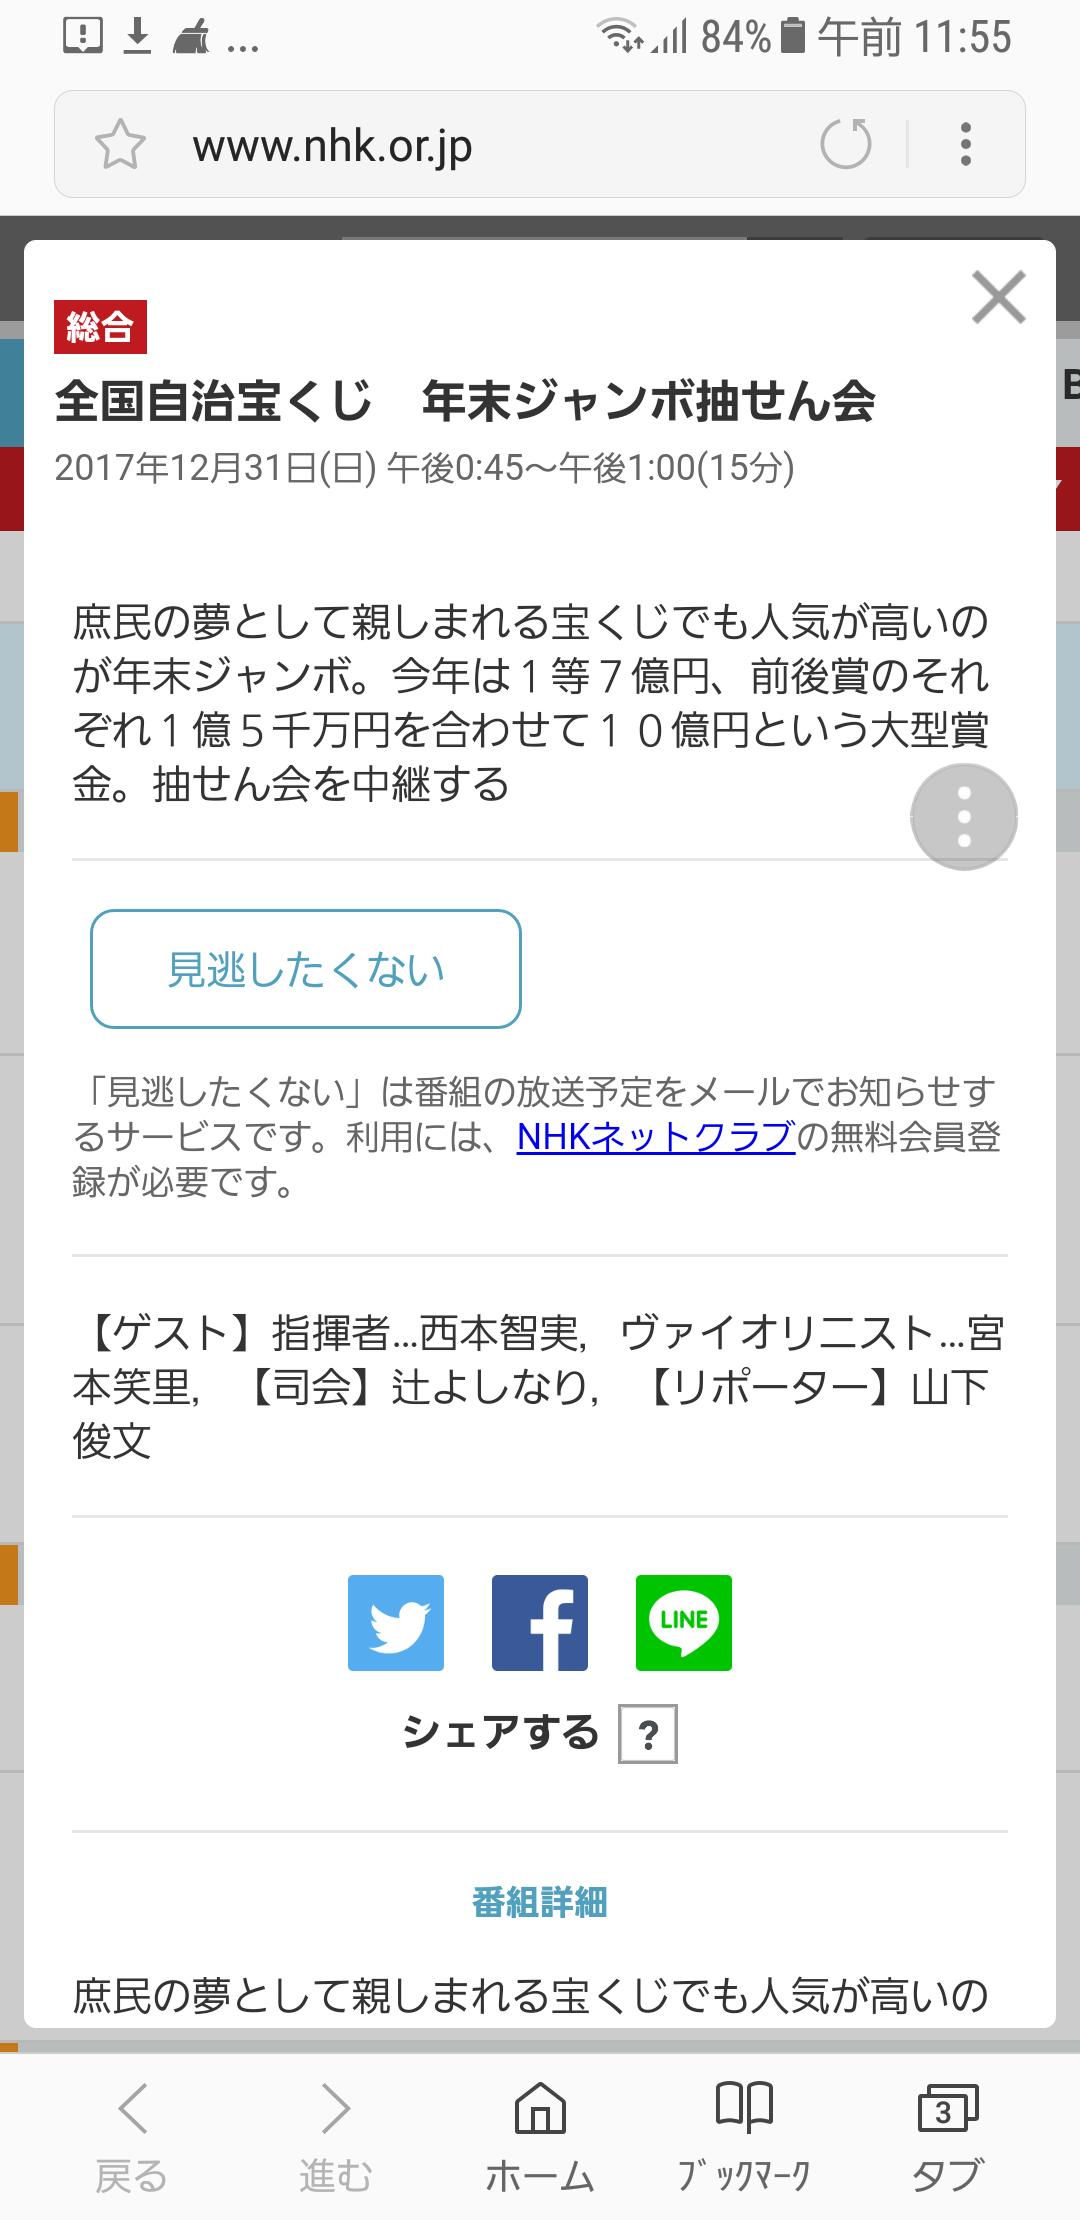 年末ジャンボ宝クジ買った人【2017】